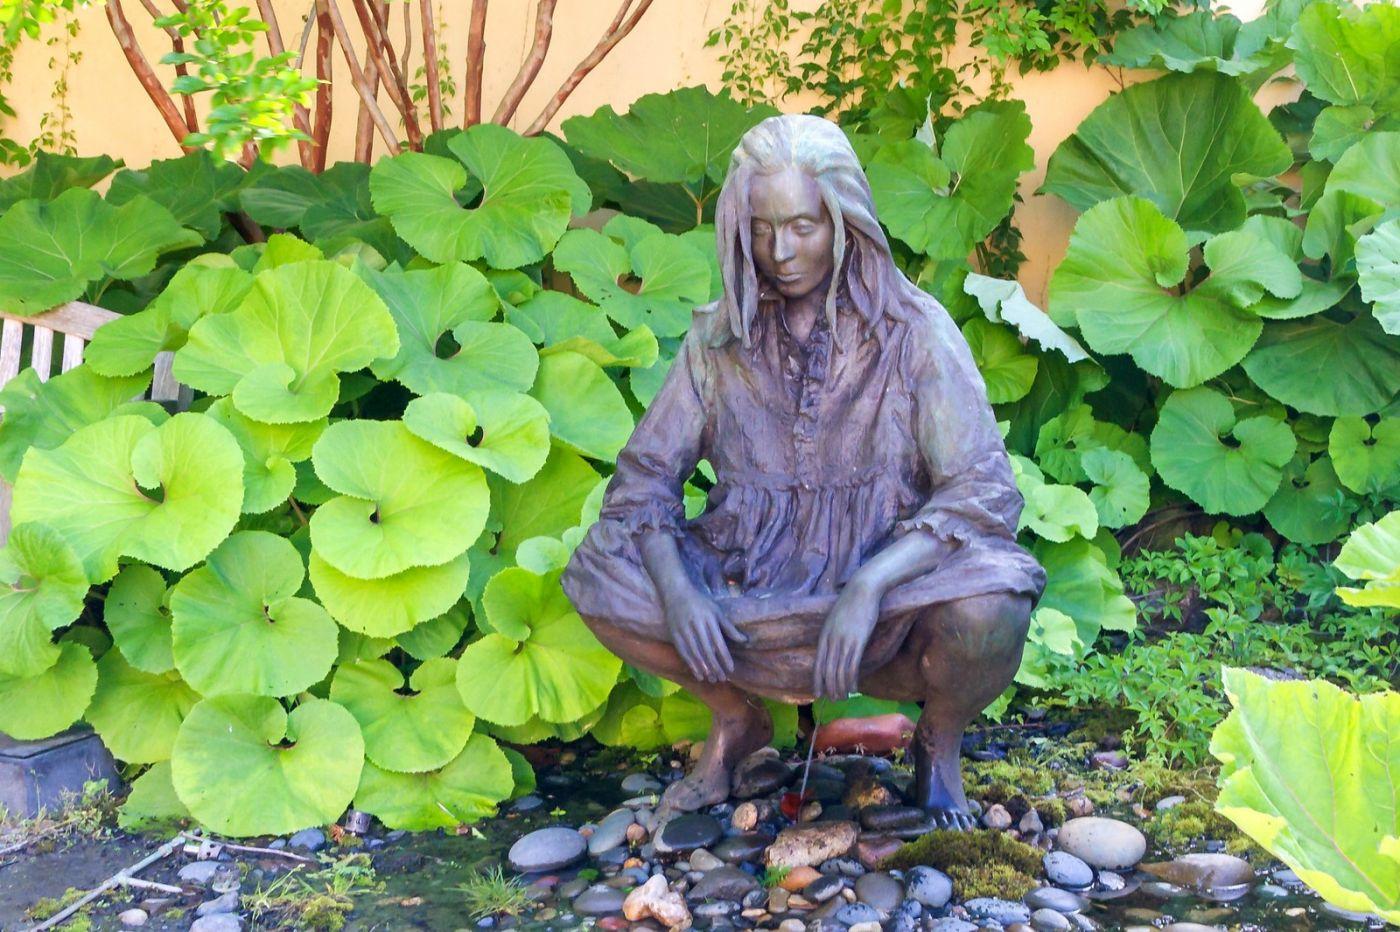 新澤西州雕塑公園(Grounds for scuplture),題材很廣_圖1-22